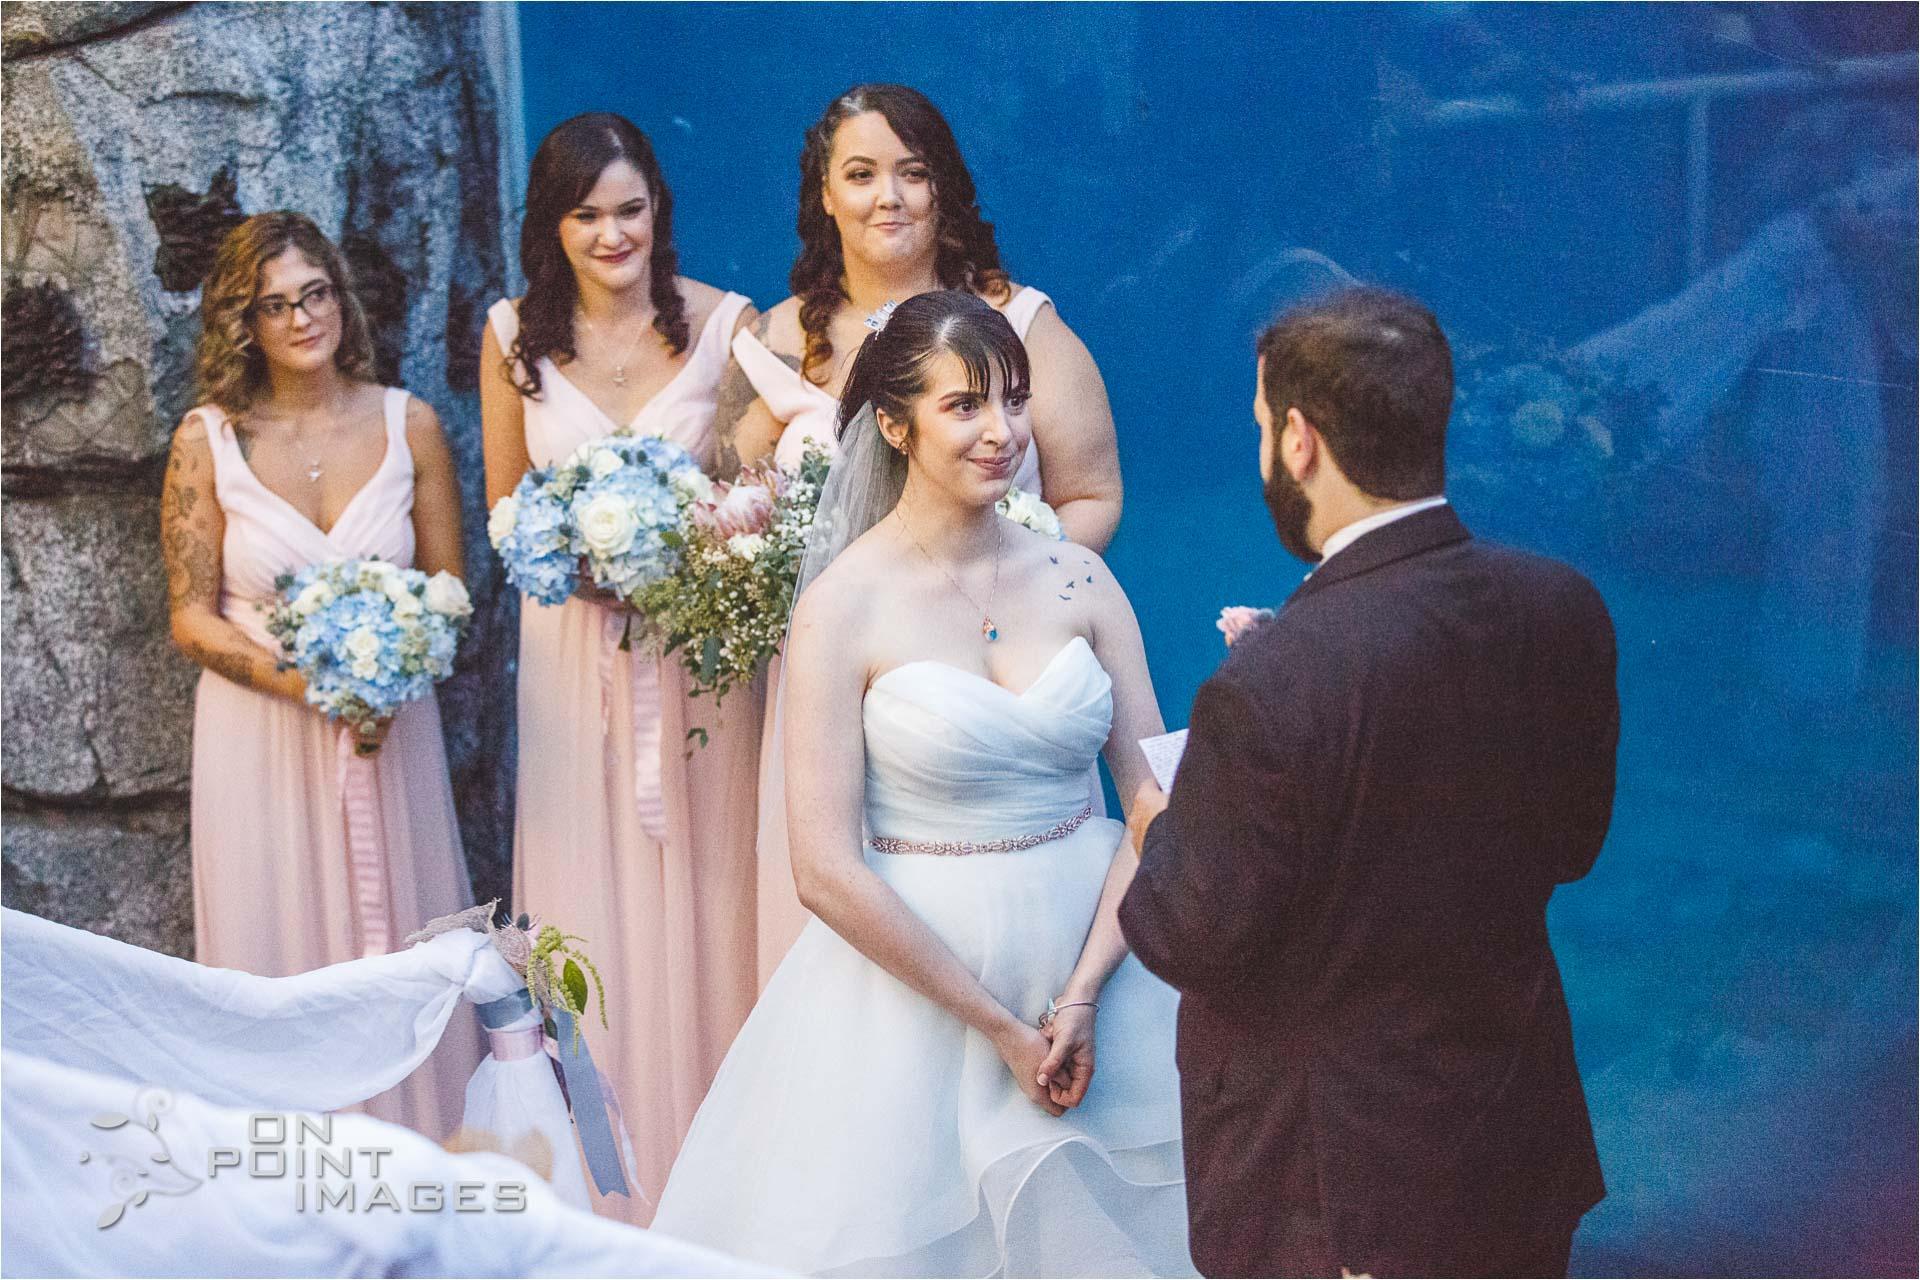 mystic-aquarium-wedding-photographs-25.jpg